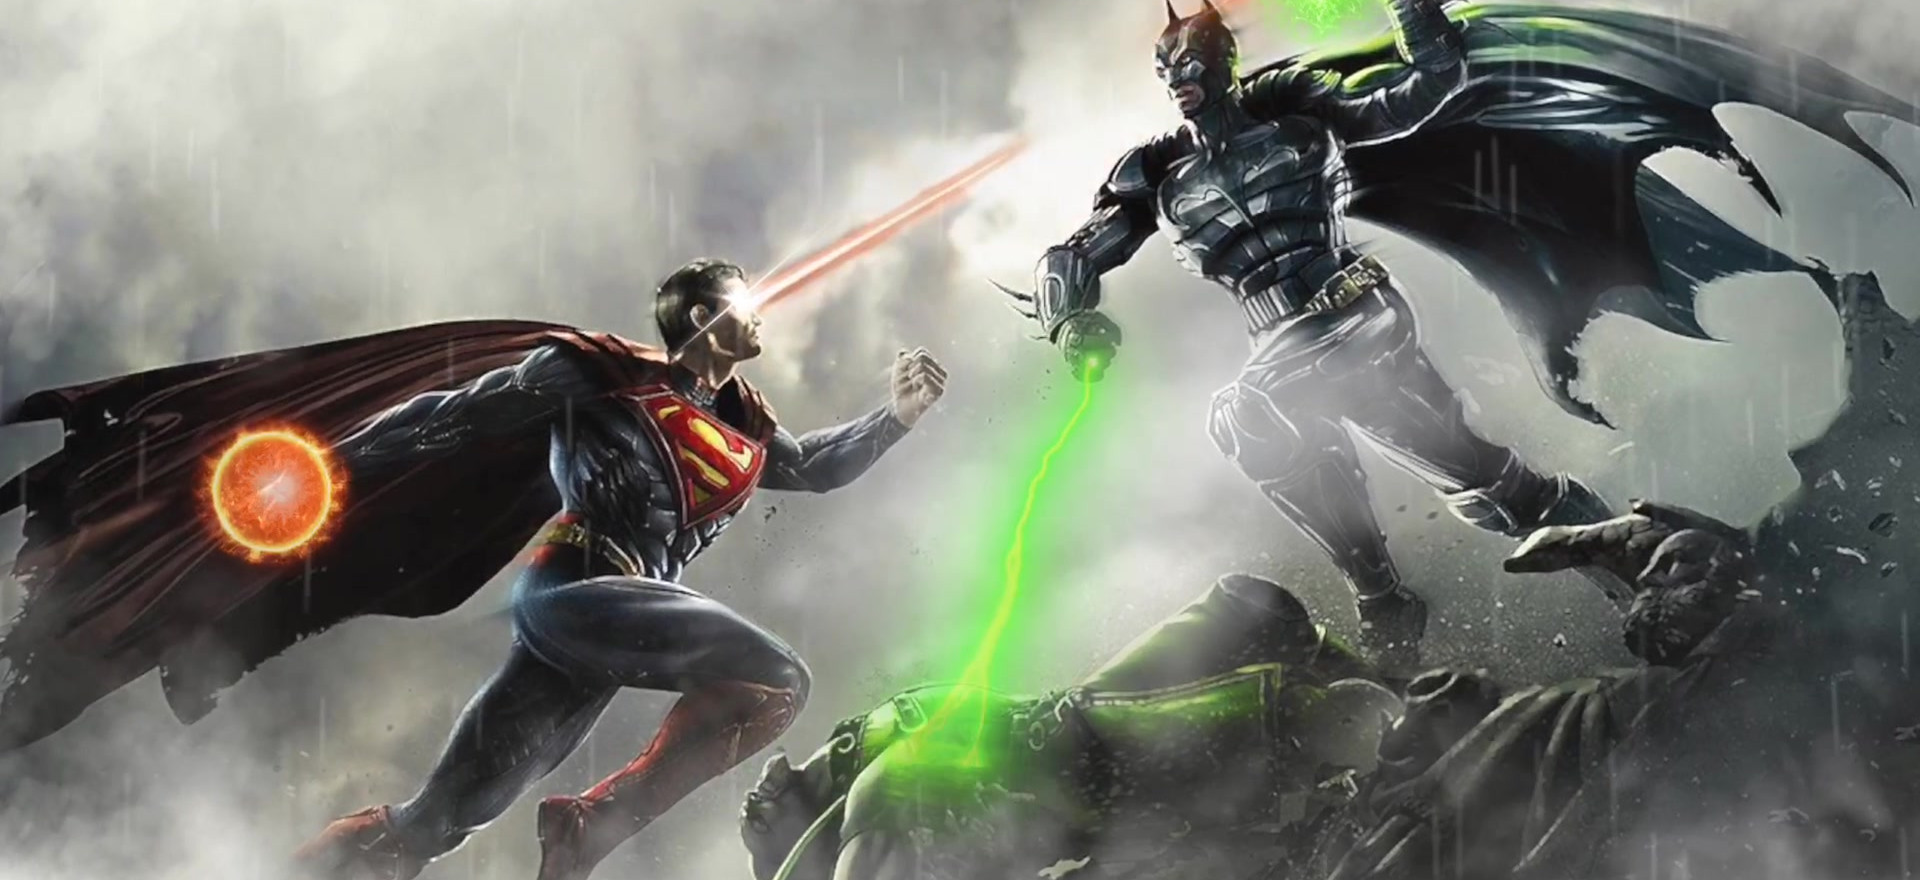 superman vs batman final .MP4